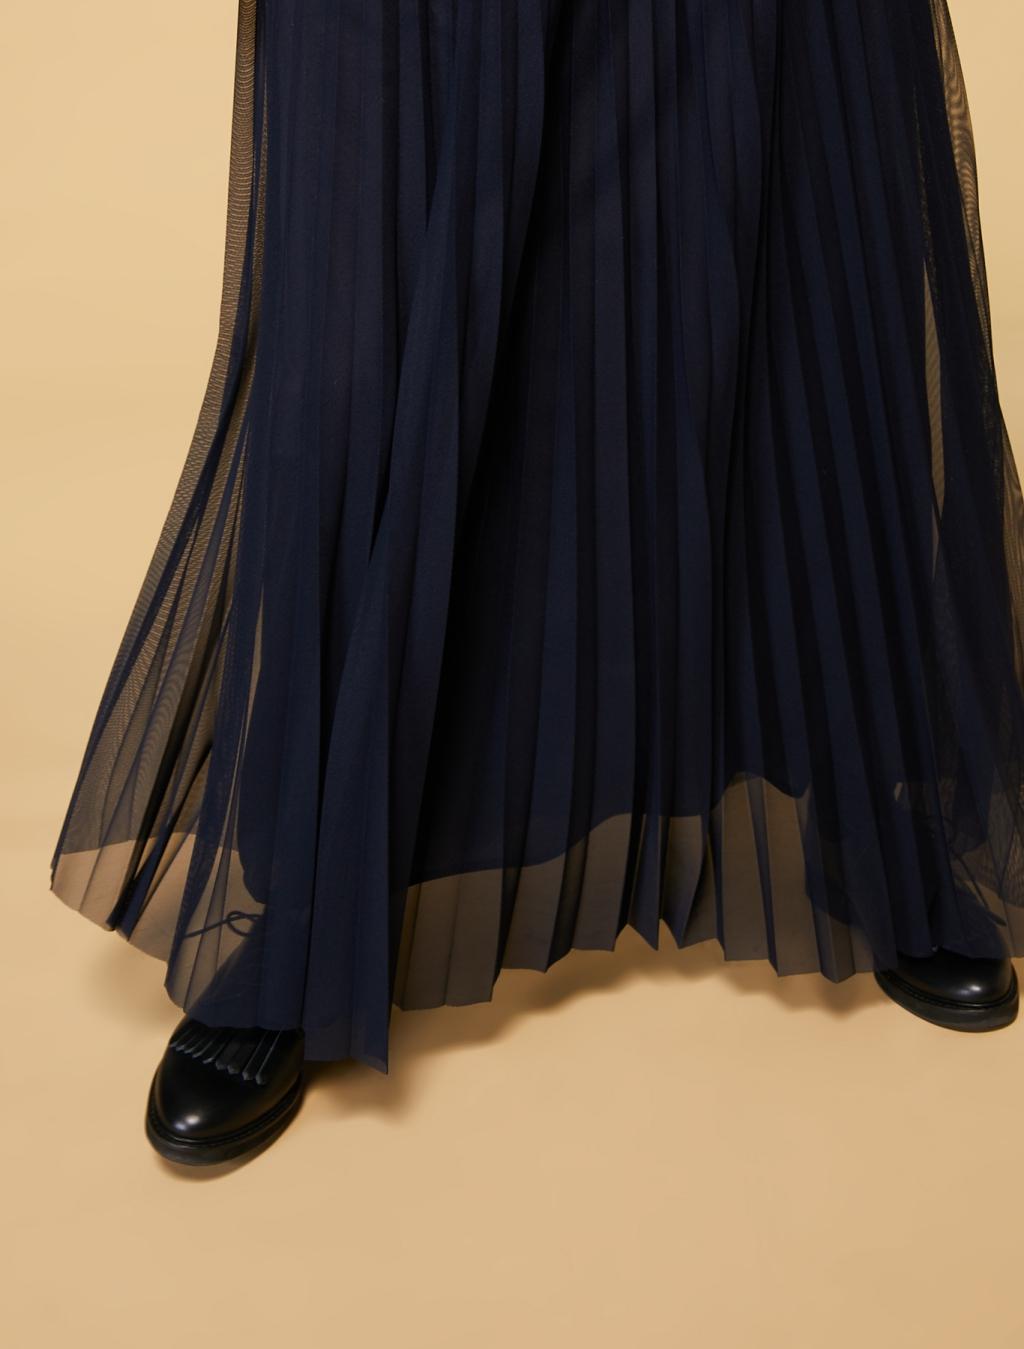 bacf0770 PLISSESKJØRT-CHALET - Pip Stormote • Nettbutikk for klær i store ...